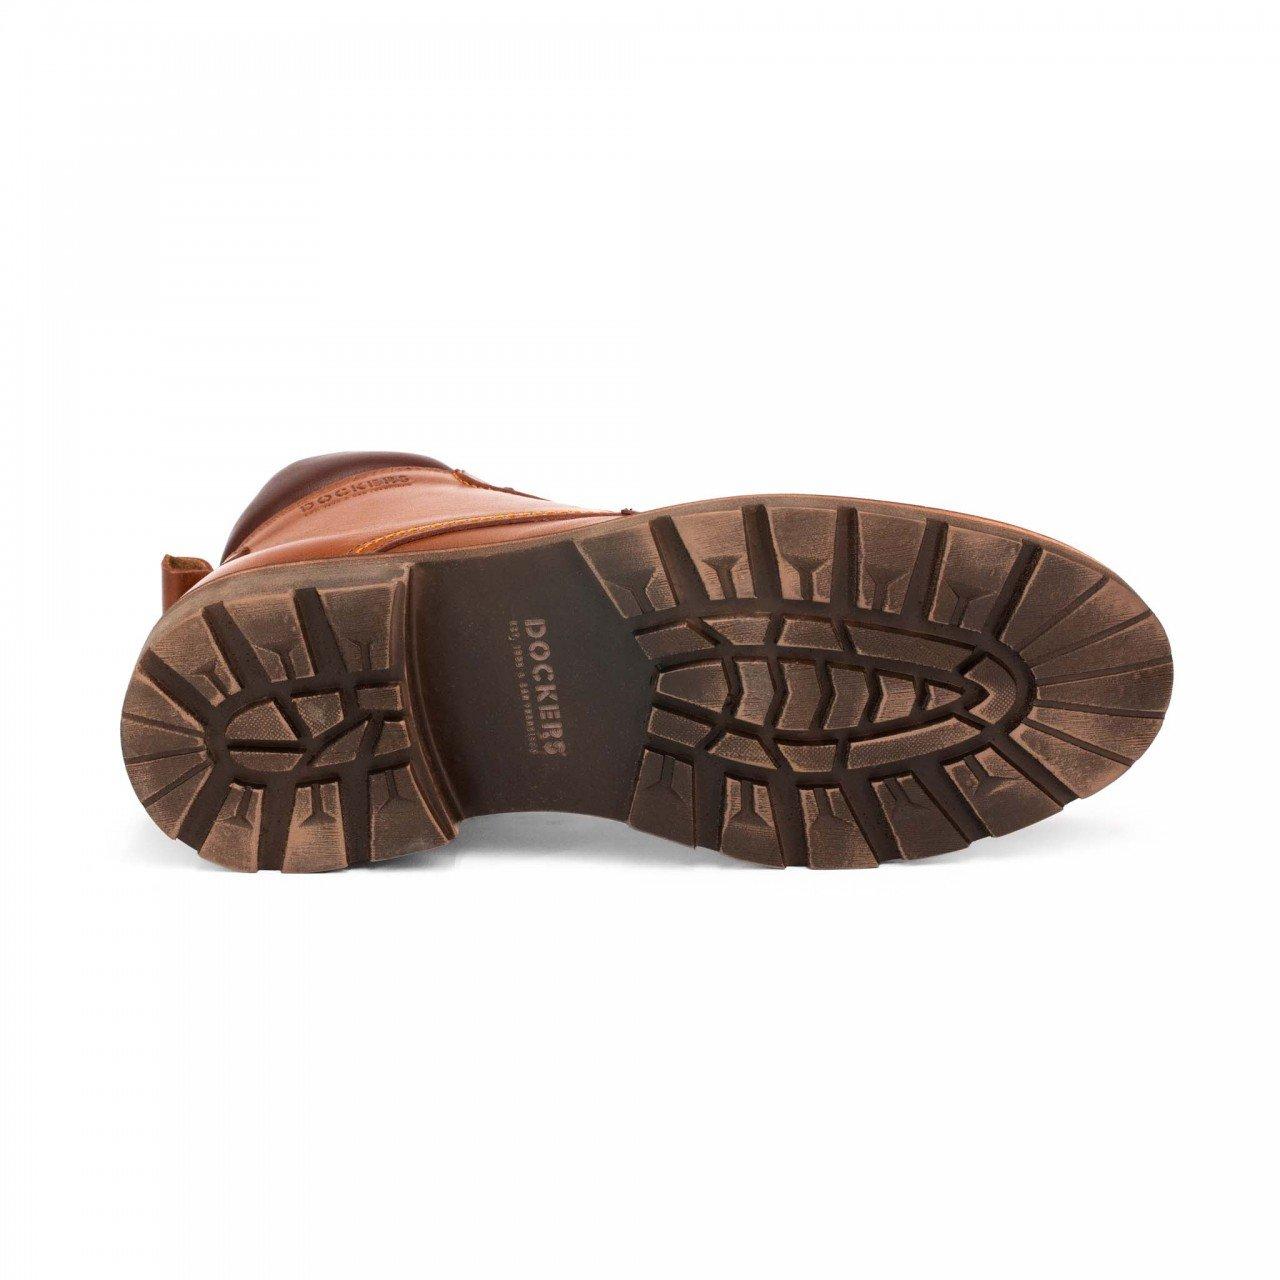 Botín marrón tan para hombre en piel Dockers 220593